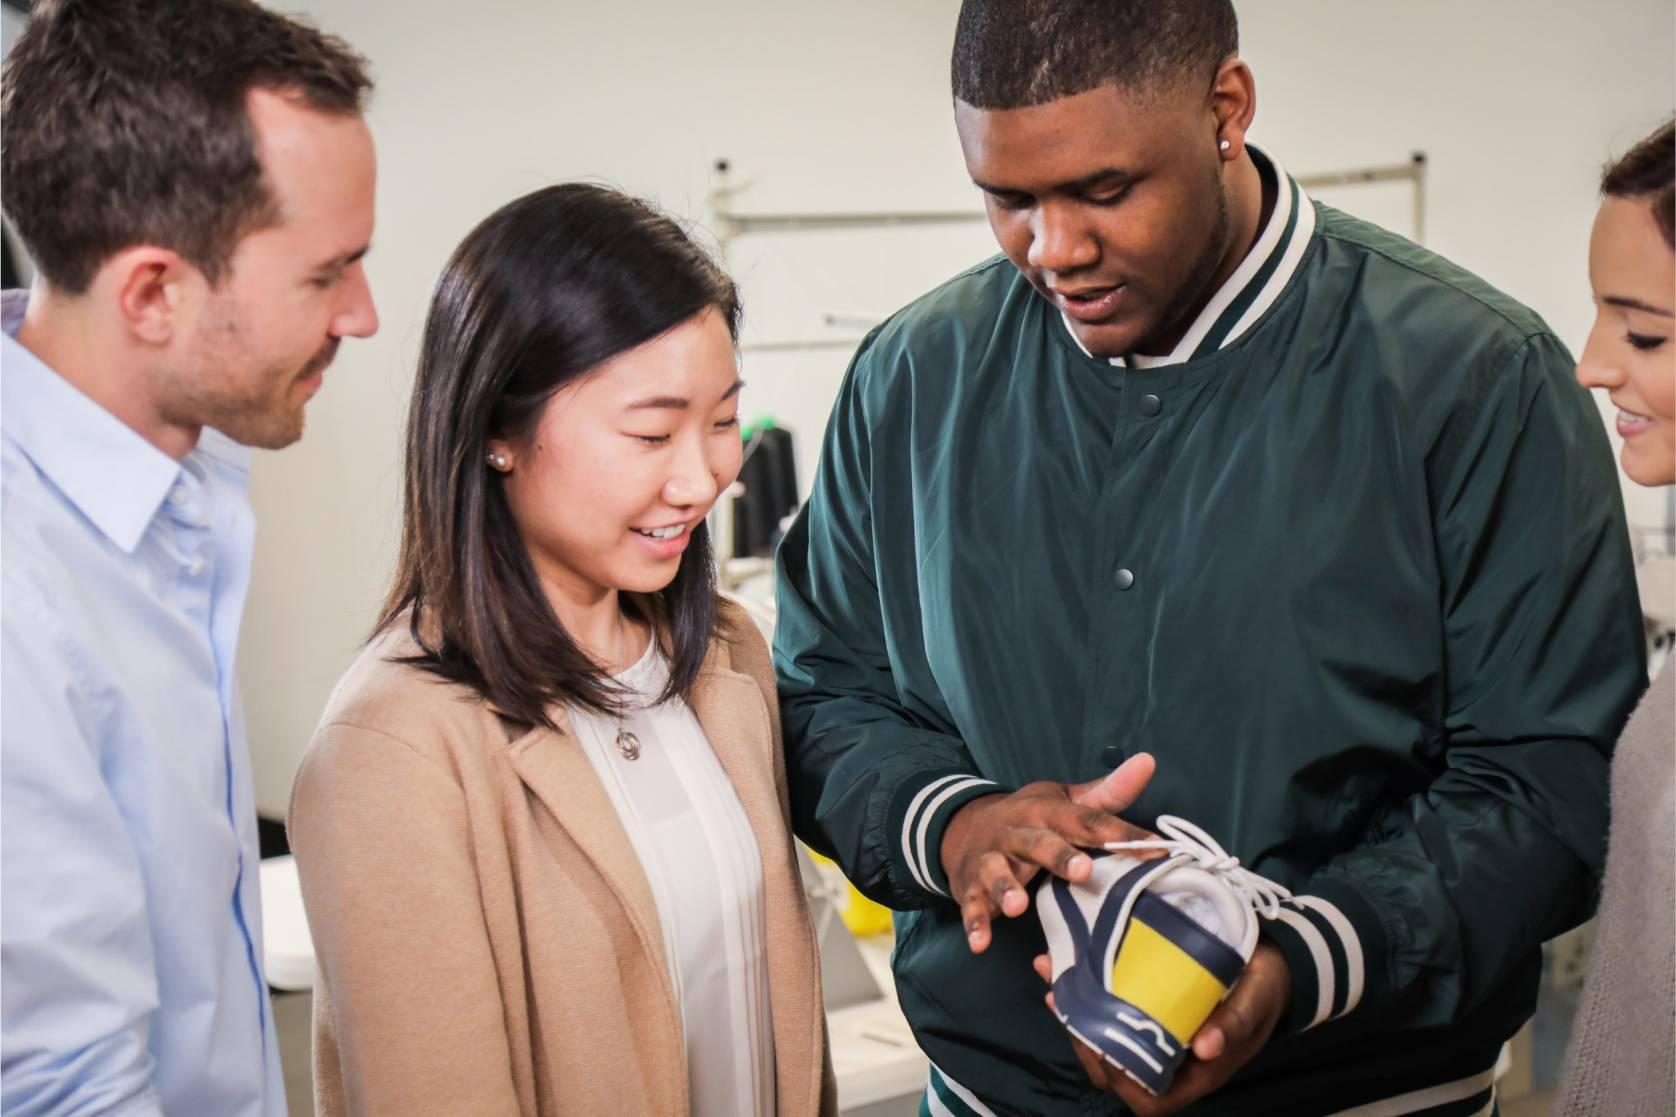 University of Oregon'sSports Product Management program 3